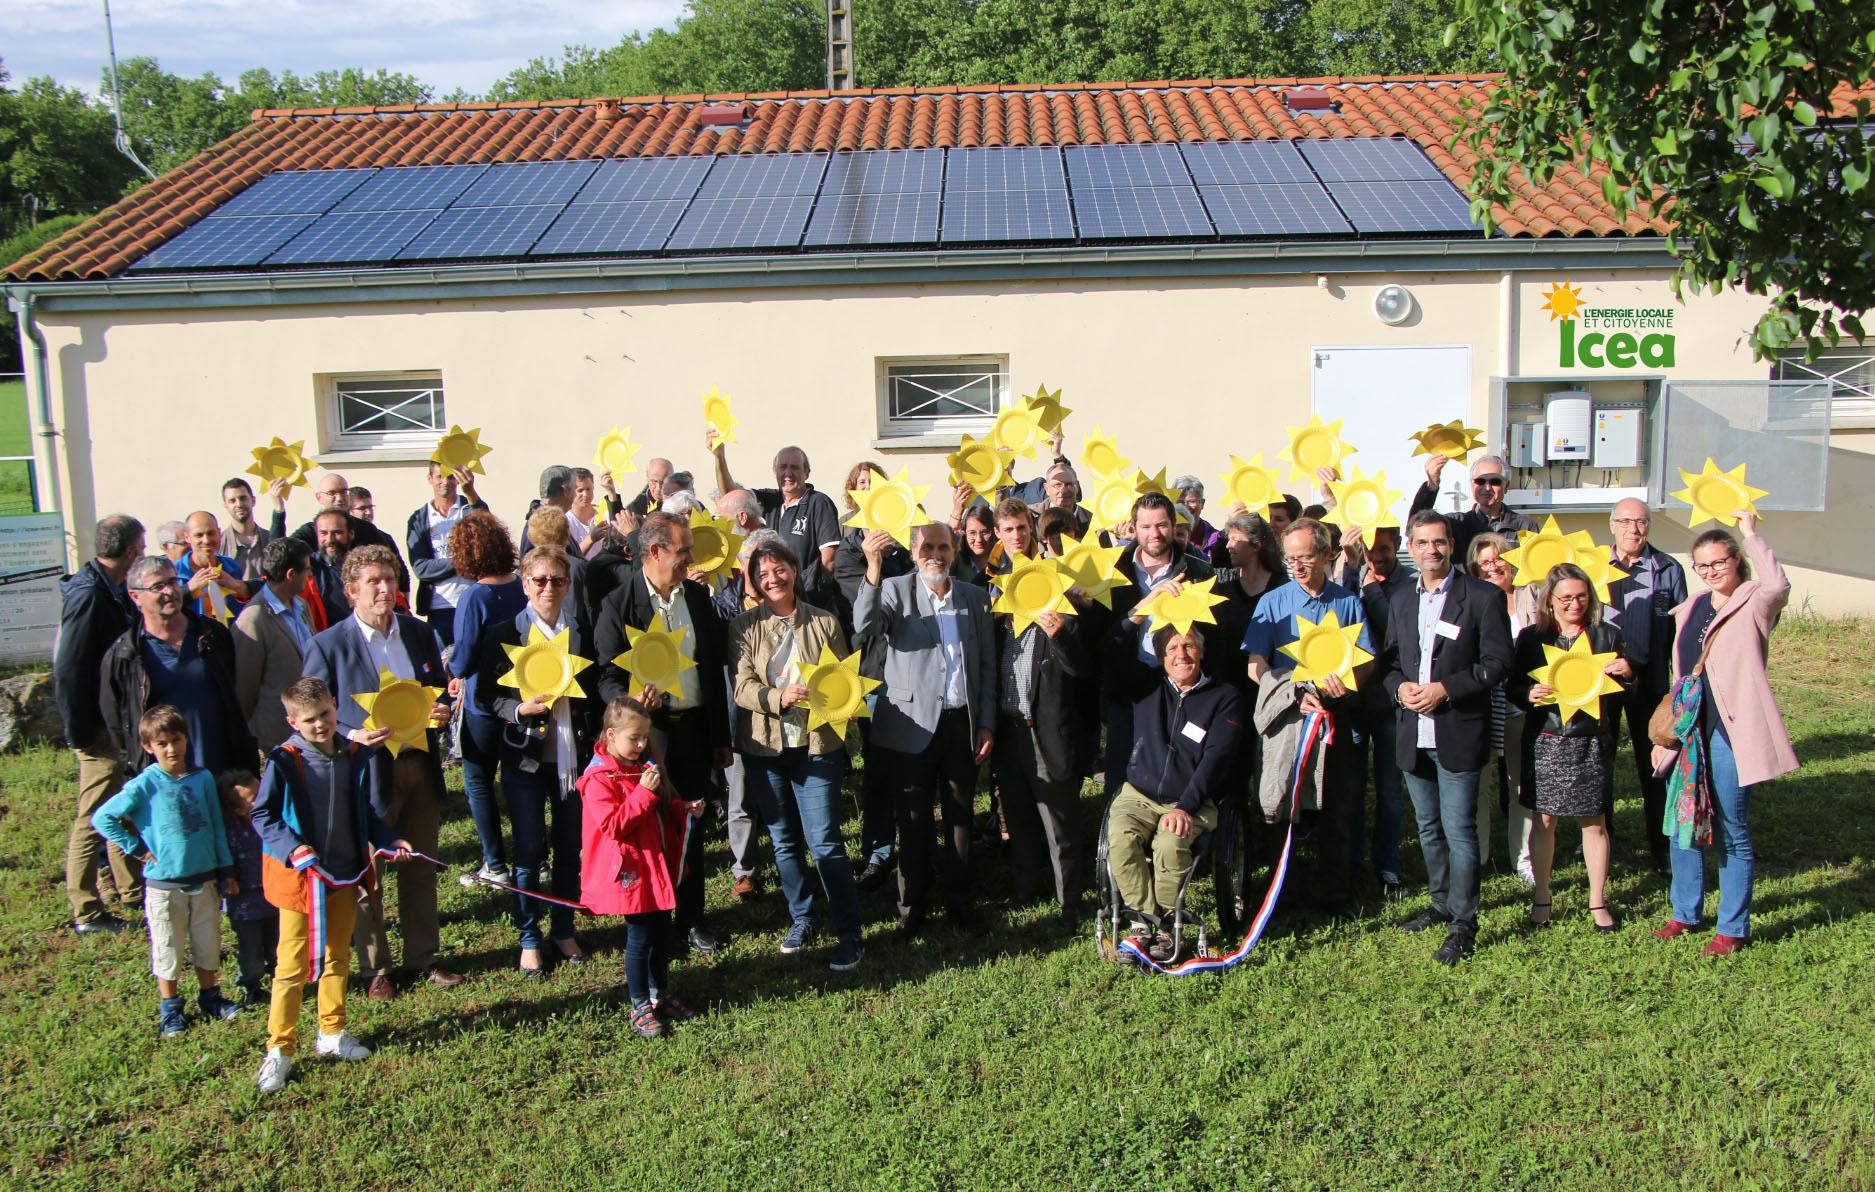 Les sociétaires d'ICEA EnR inaugurent près de Toulouse une des toitures de leur grappe solaire PV